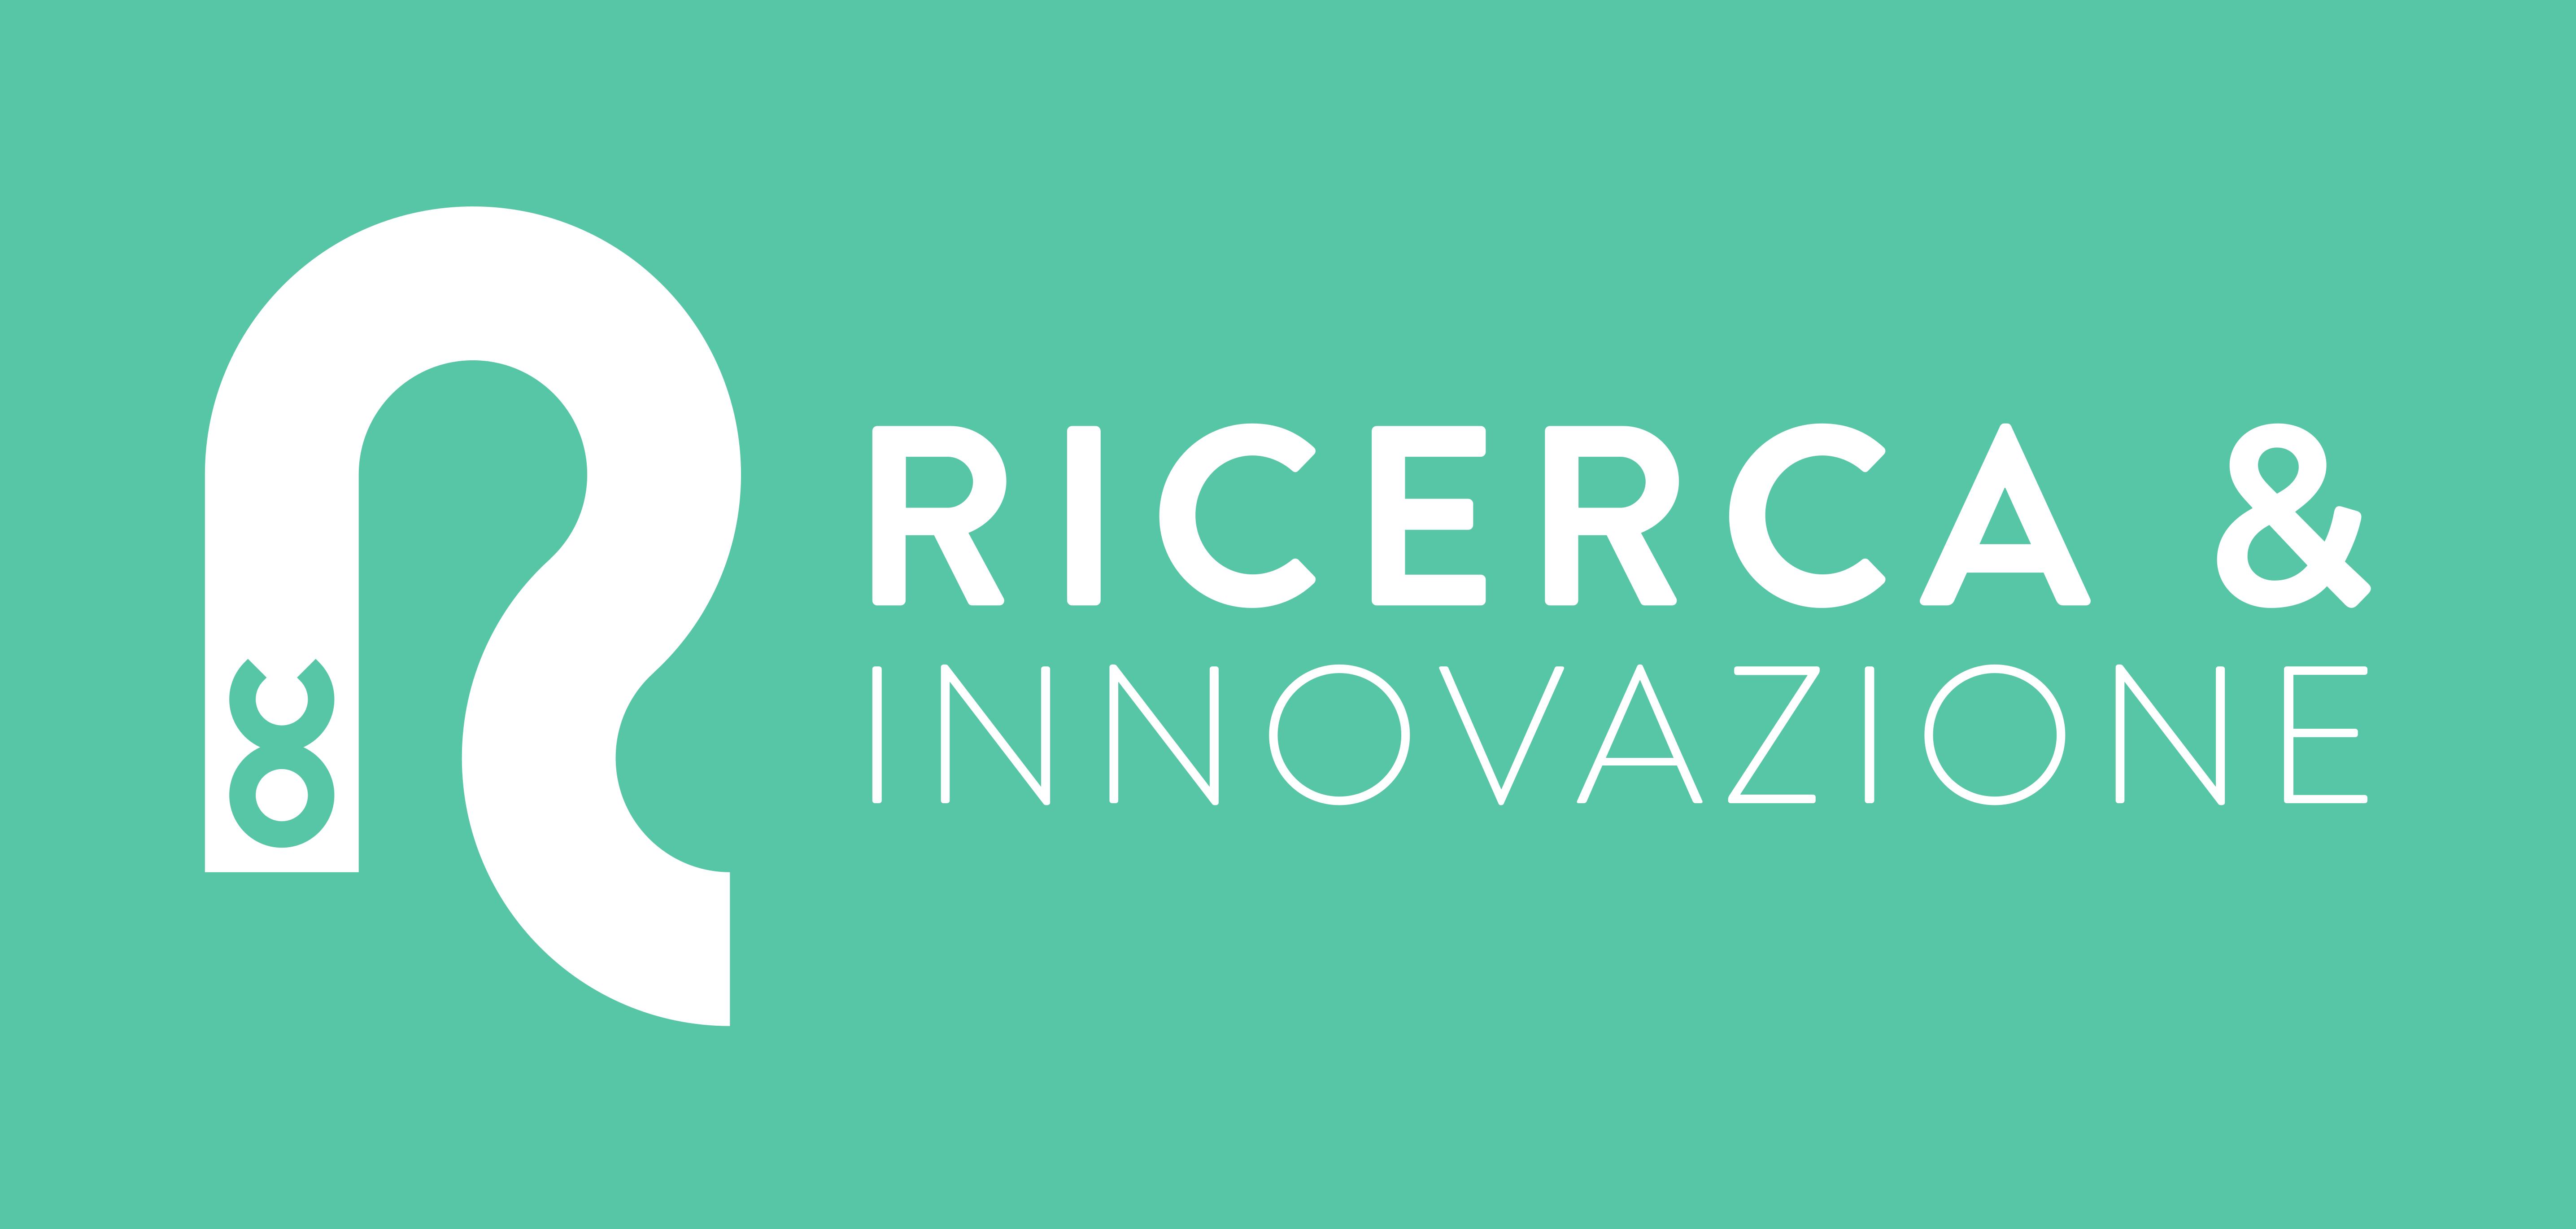 RICERCA & INNOVAZIONE